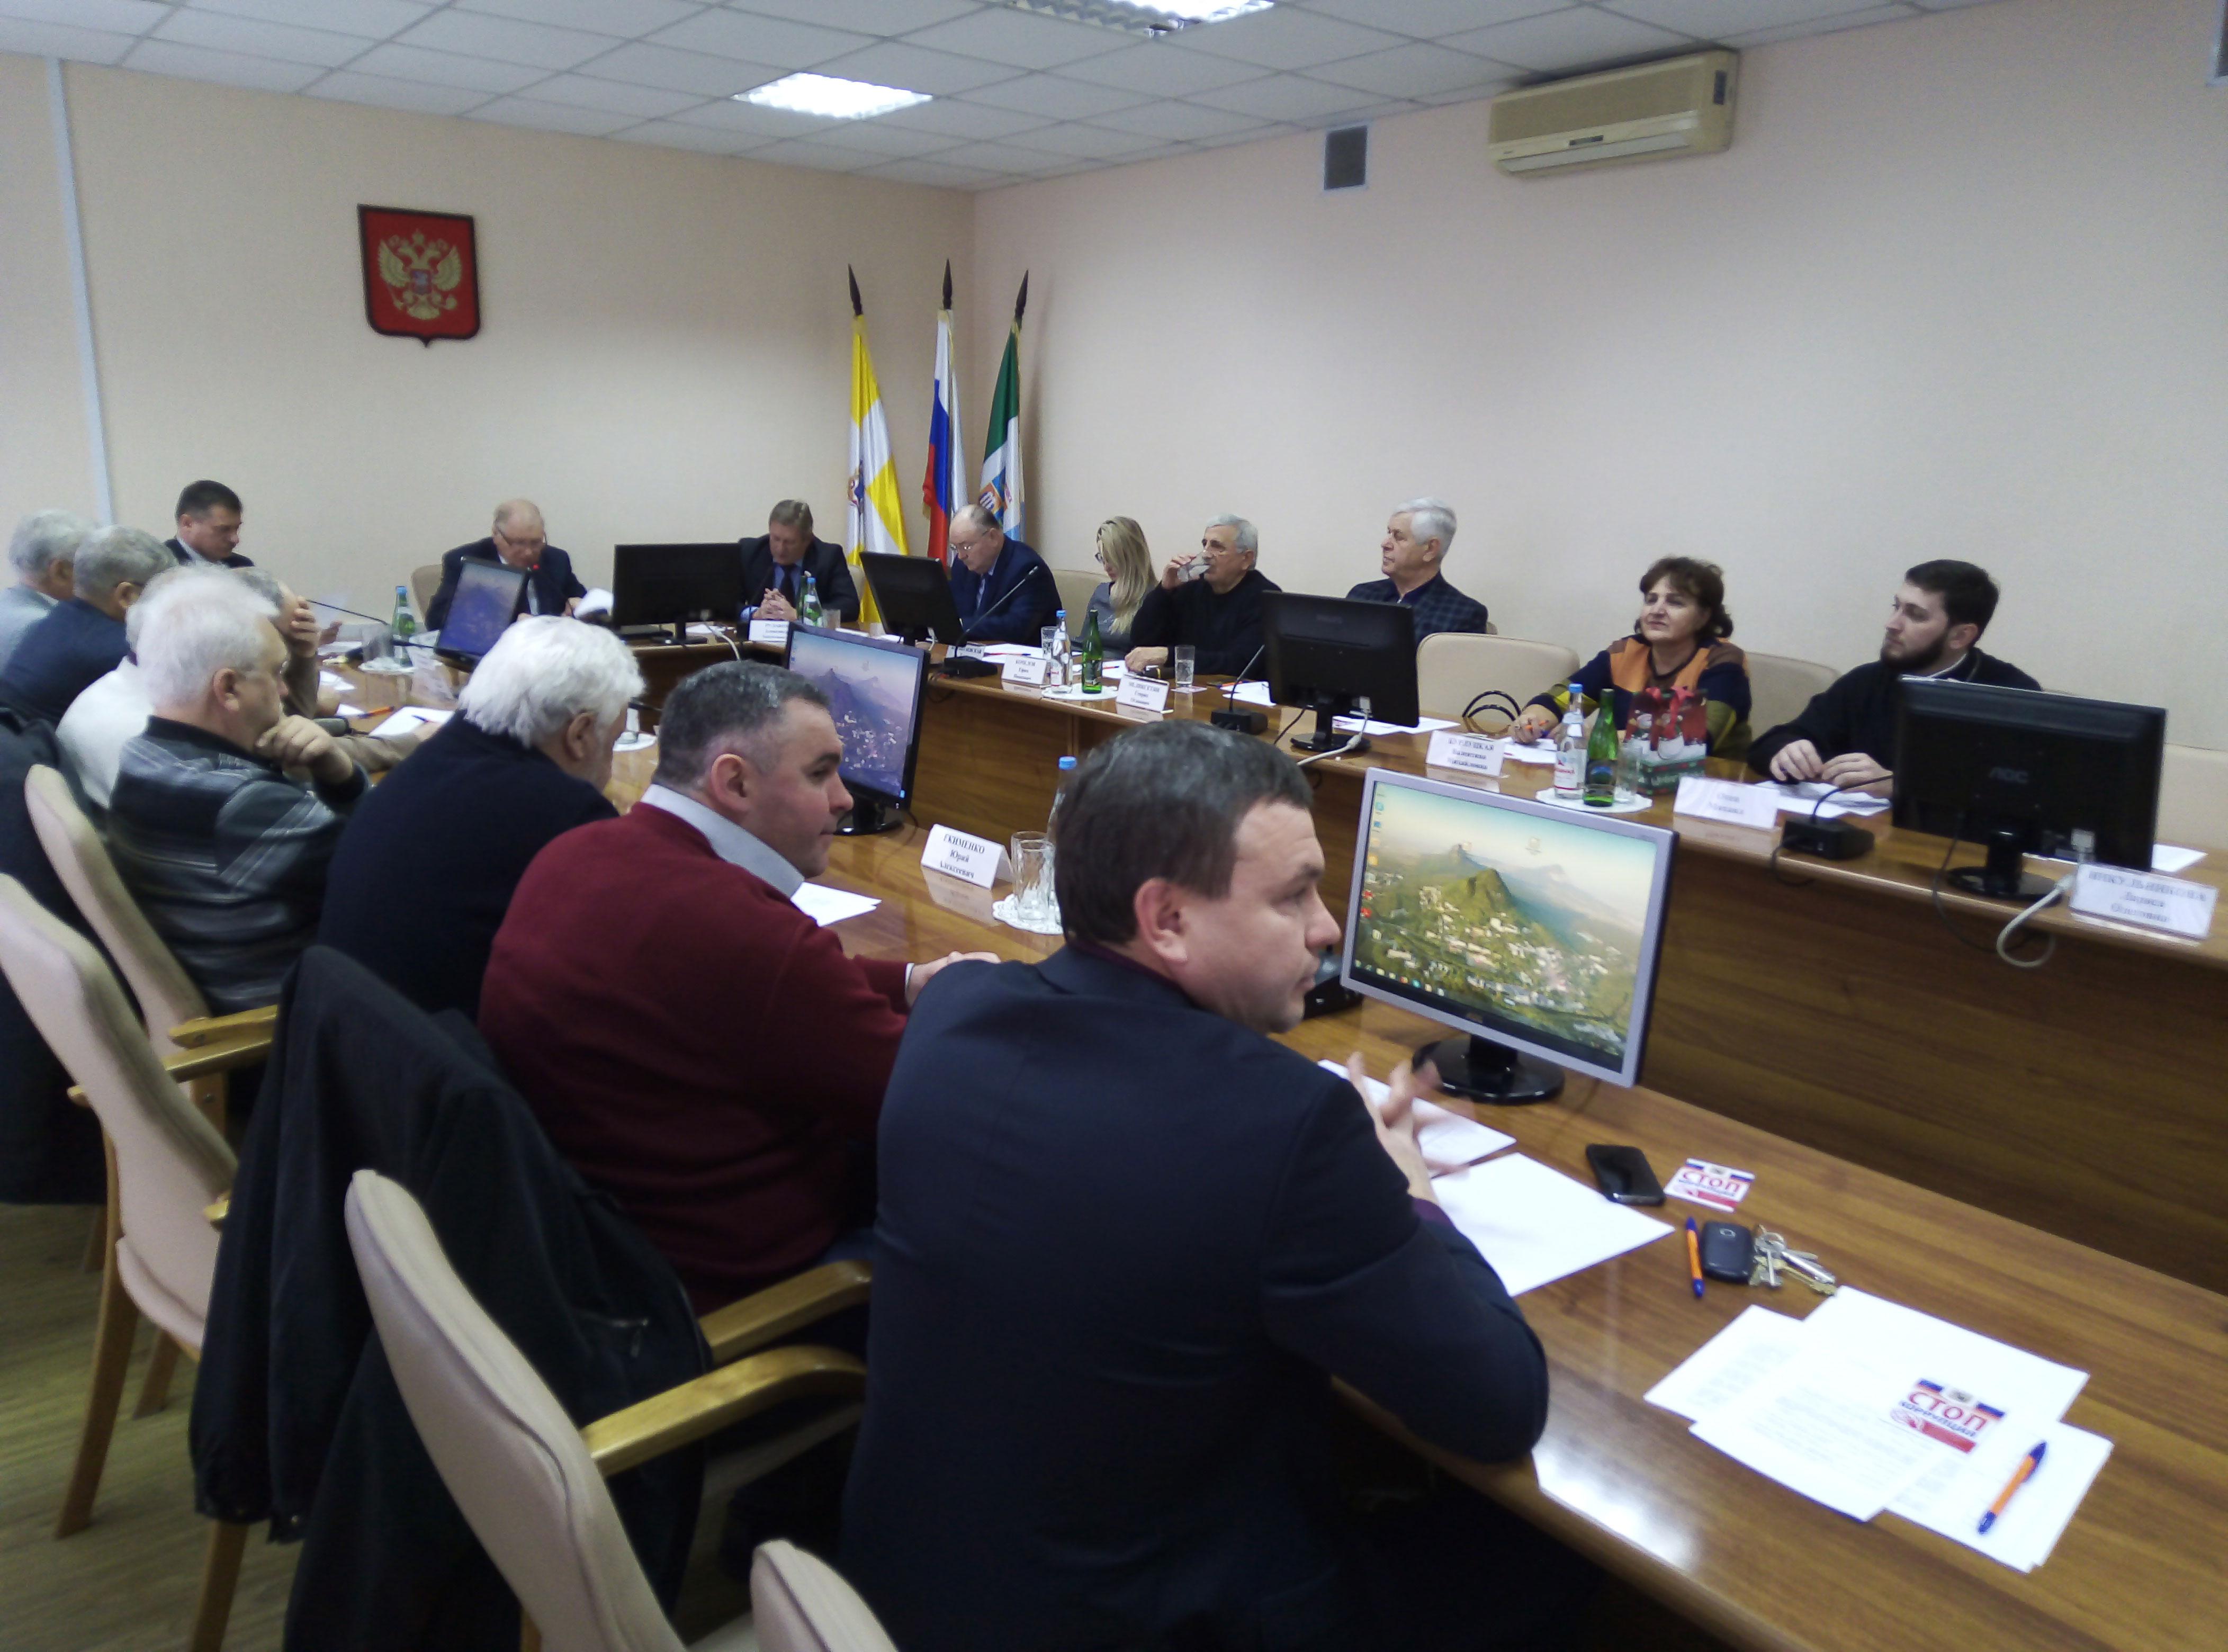 Общественный совет города-курорта Железноводска: палитра вопросов в конце уходящего года и план работы на год грядущий